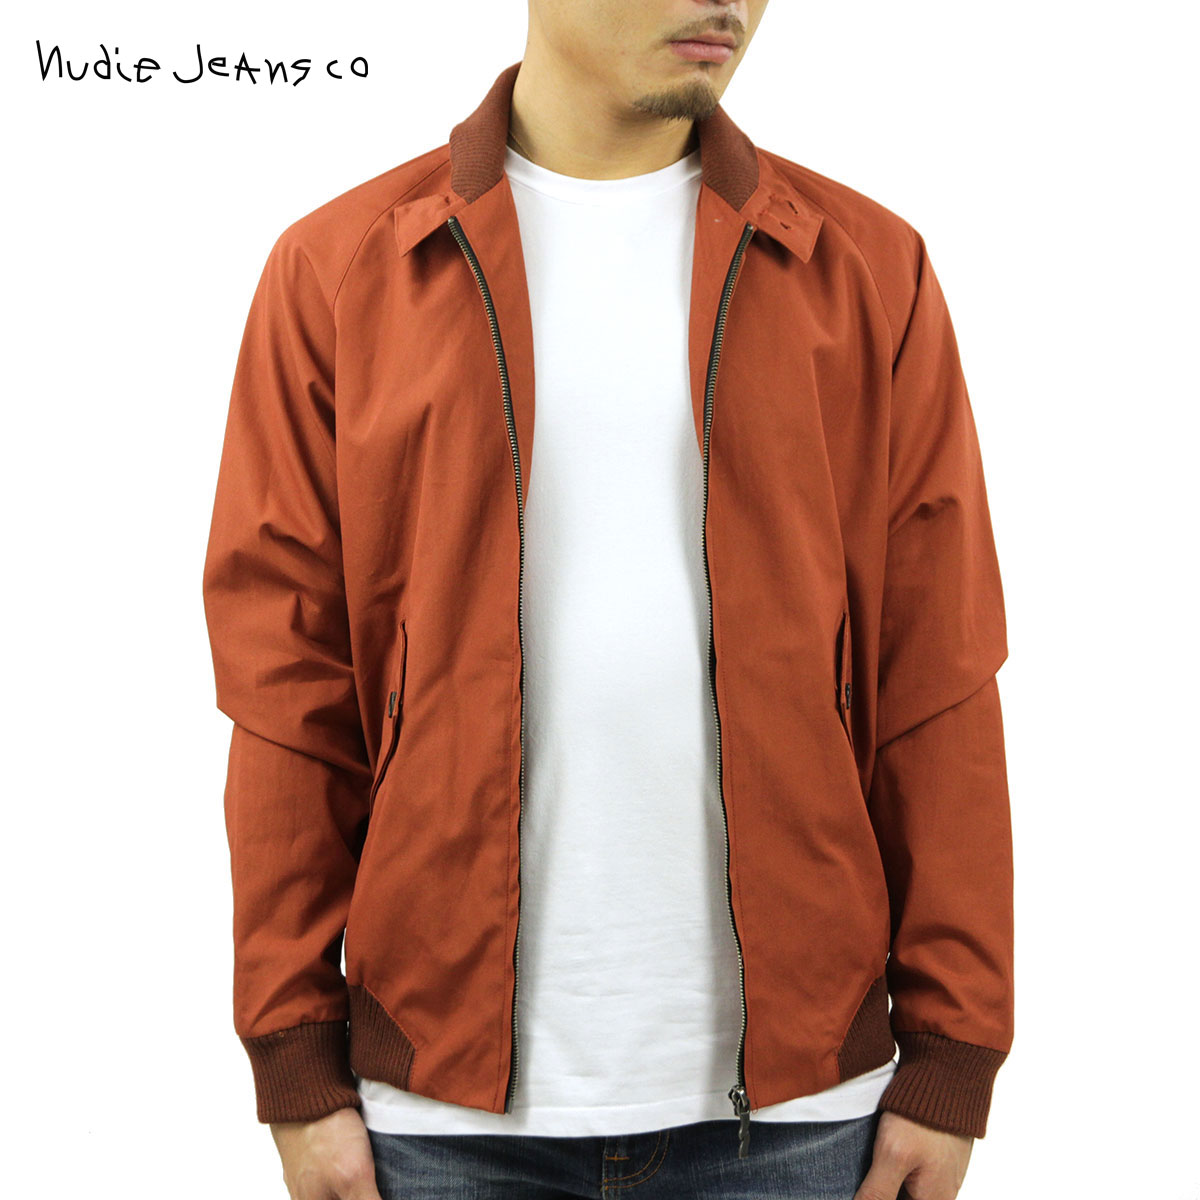 ヌーディージーンズ Nudie Jeans 正規販売店 メンズ アウタージャケット ヌーディージーンズ Niklas 160357 5007 R02 Rust D15S25